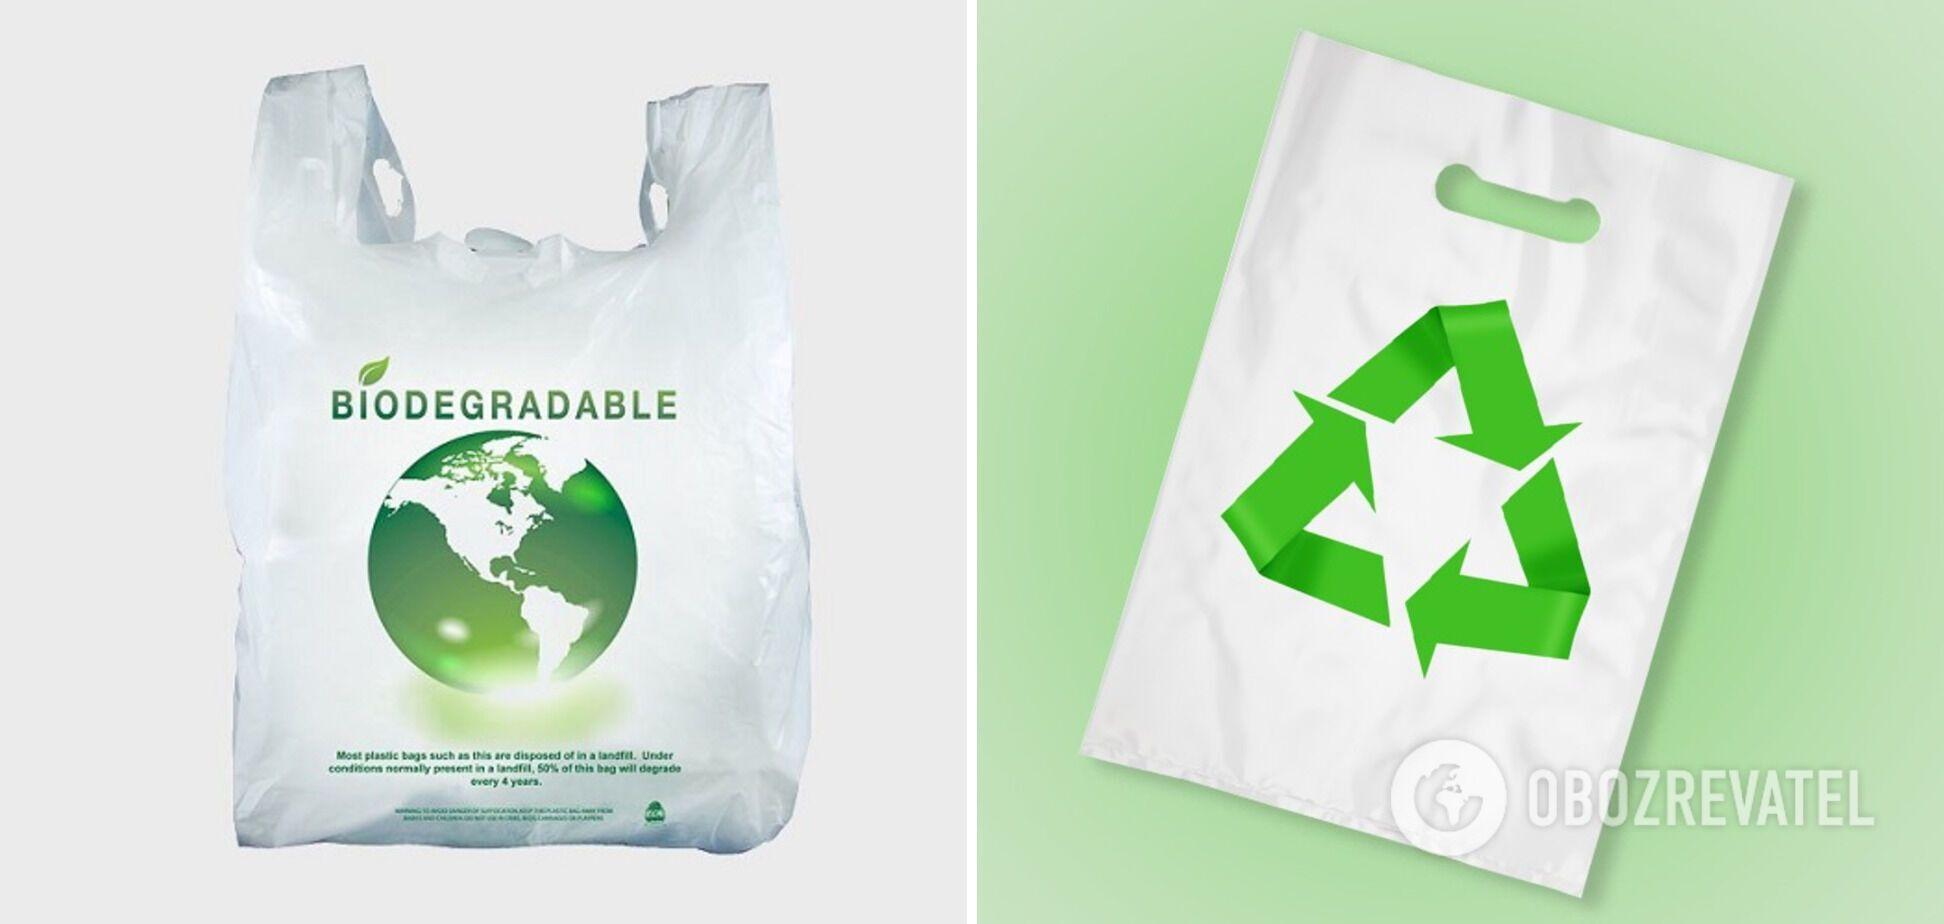 Біорозкладні пакети вже використовують у багатьох магазинах